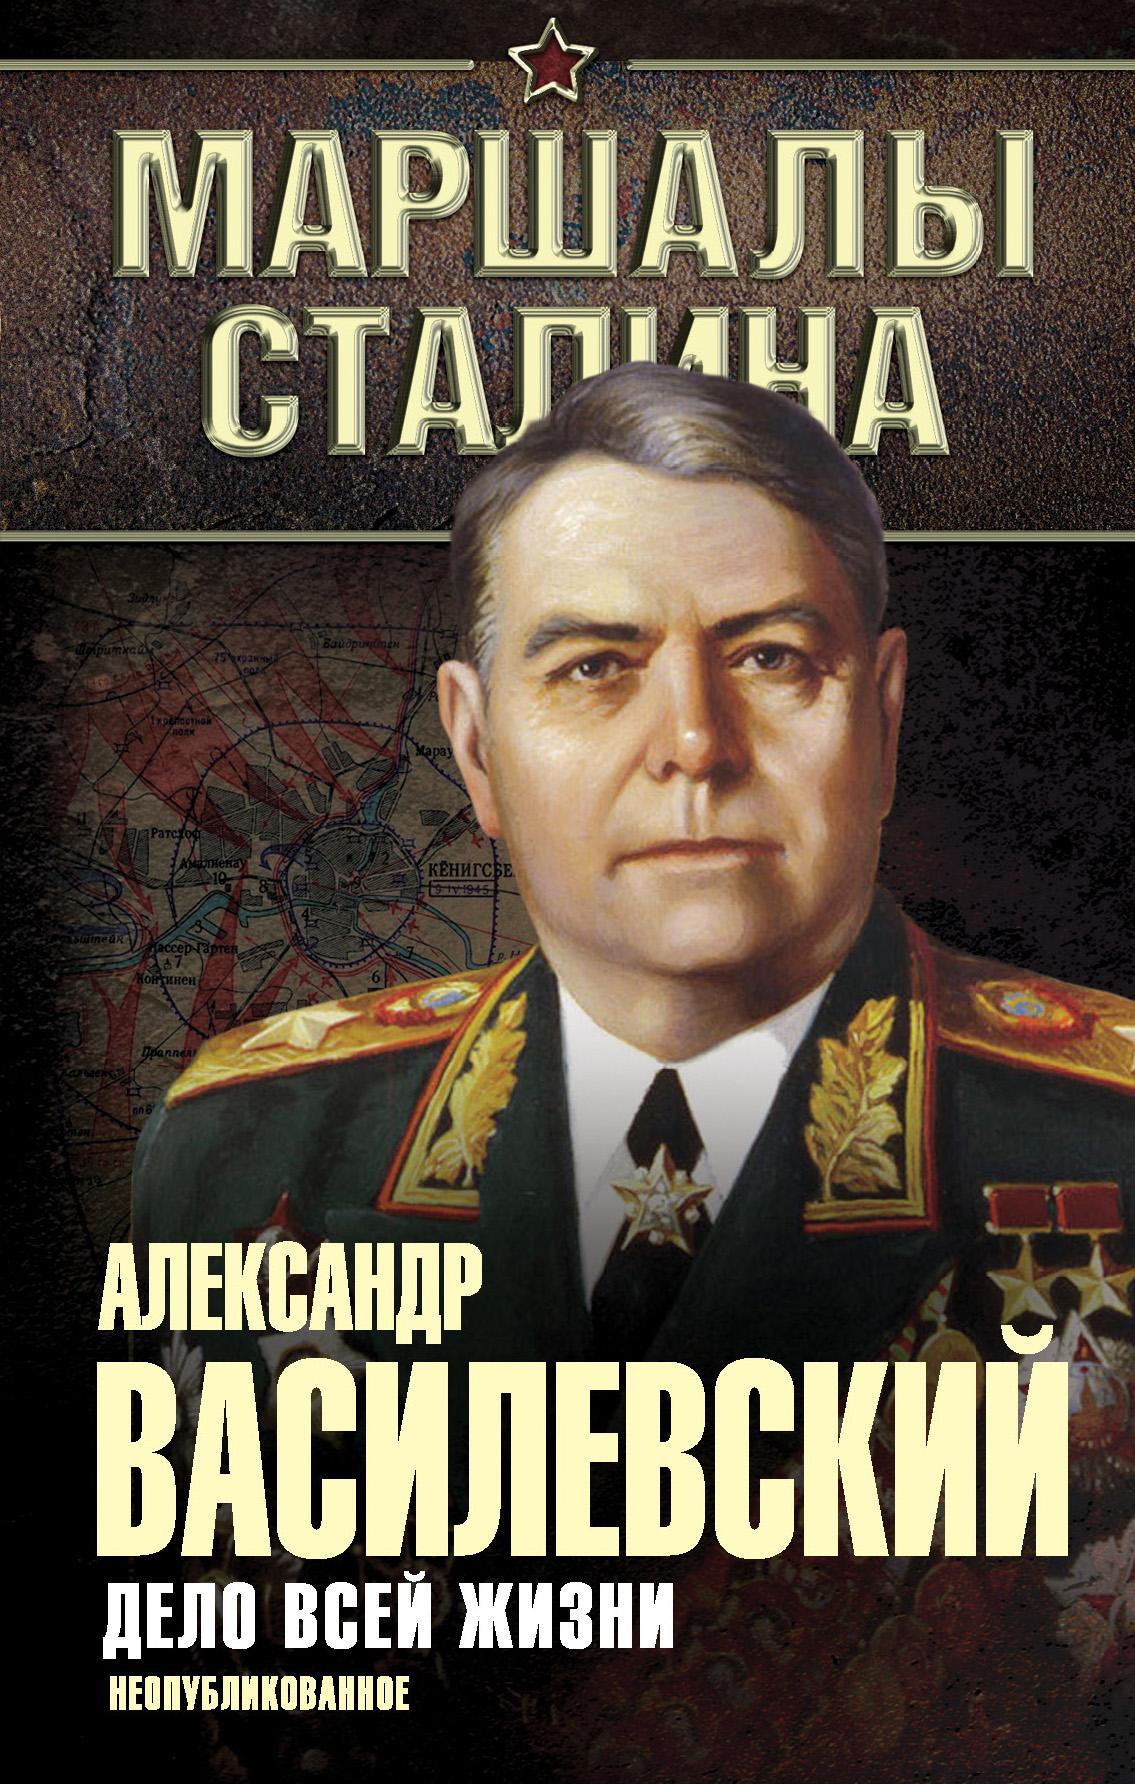 Александр Василевский Дело всей жизни. Неопубликованное